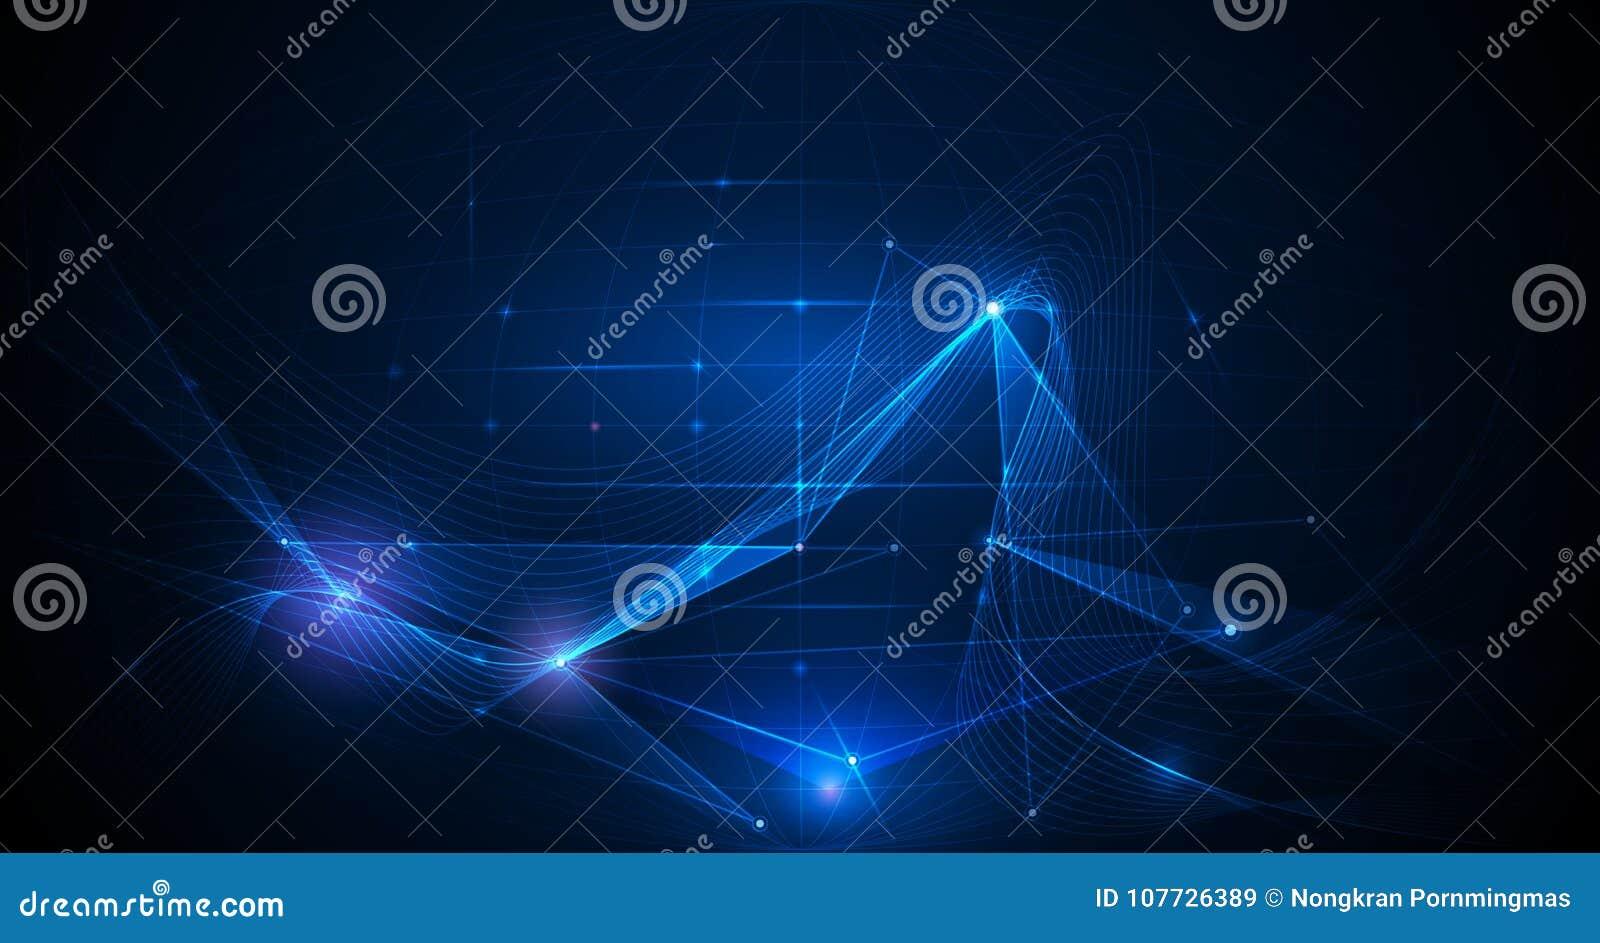 Vector o fundo abstrato com linhas da malha e brilho brilhante